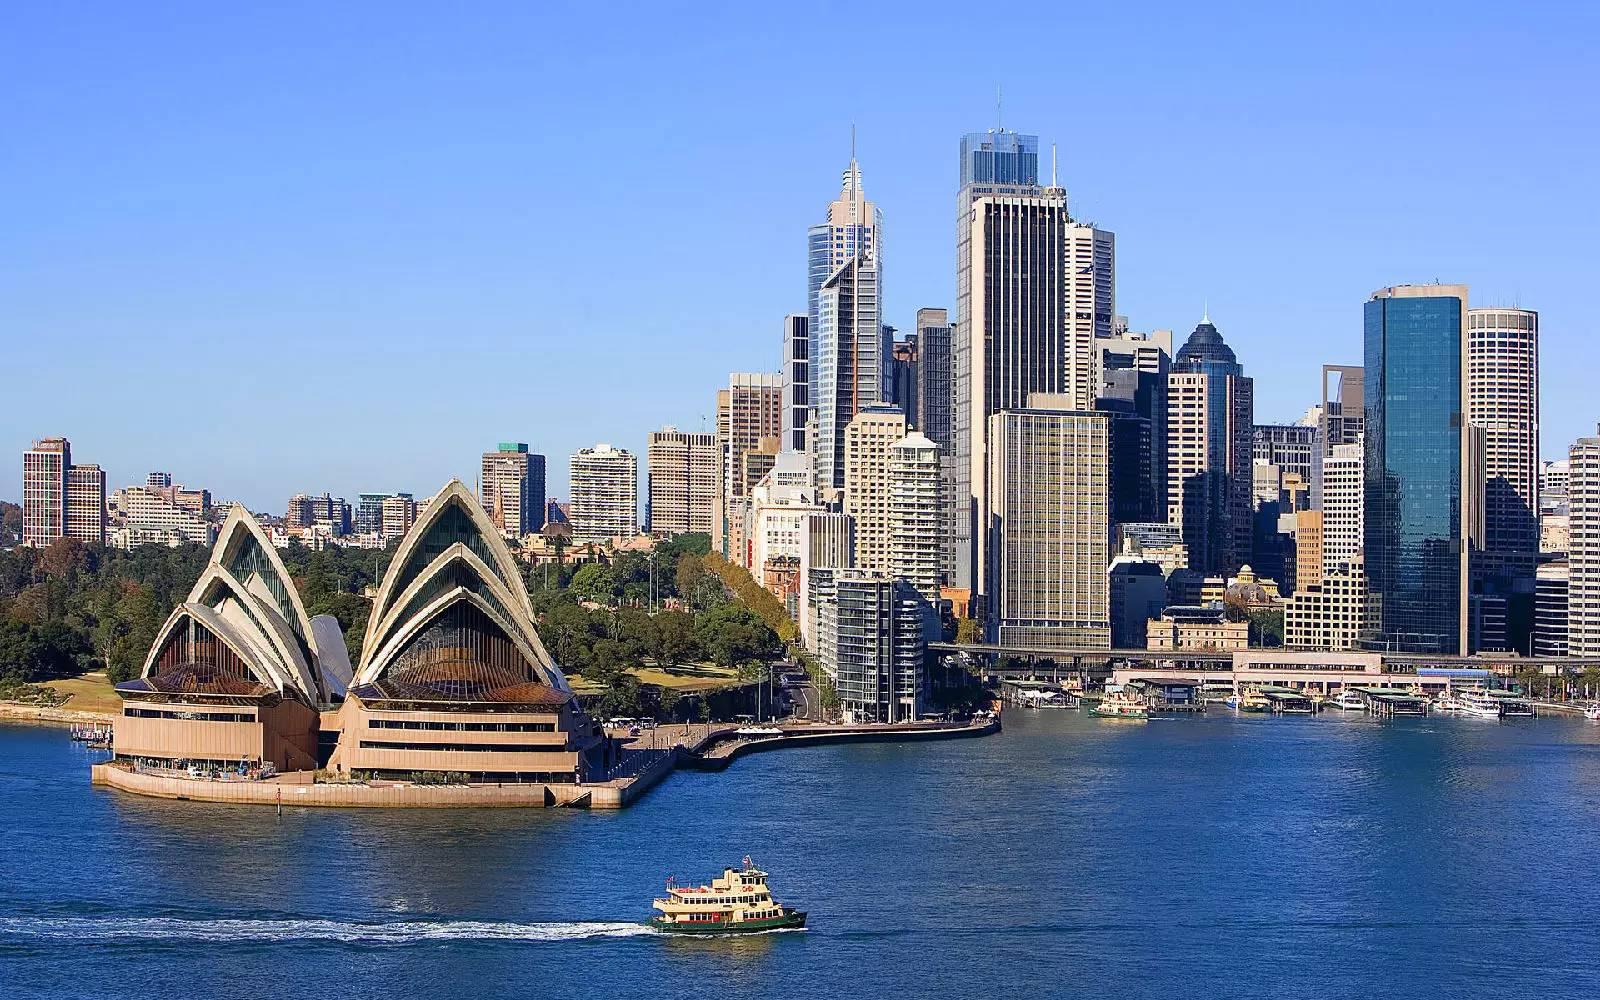 国内买家不买账,澳大利亚葡萄酒出口跌90%,印度趁机加150%费用